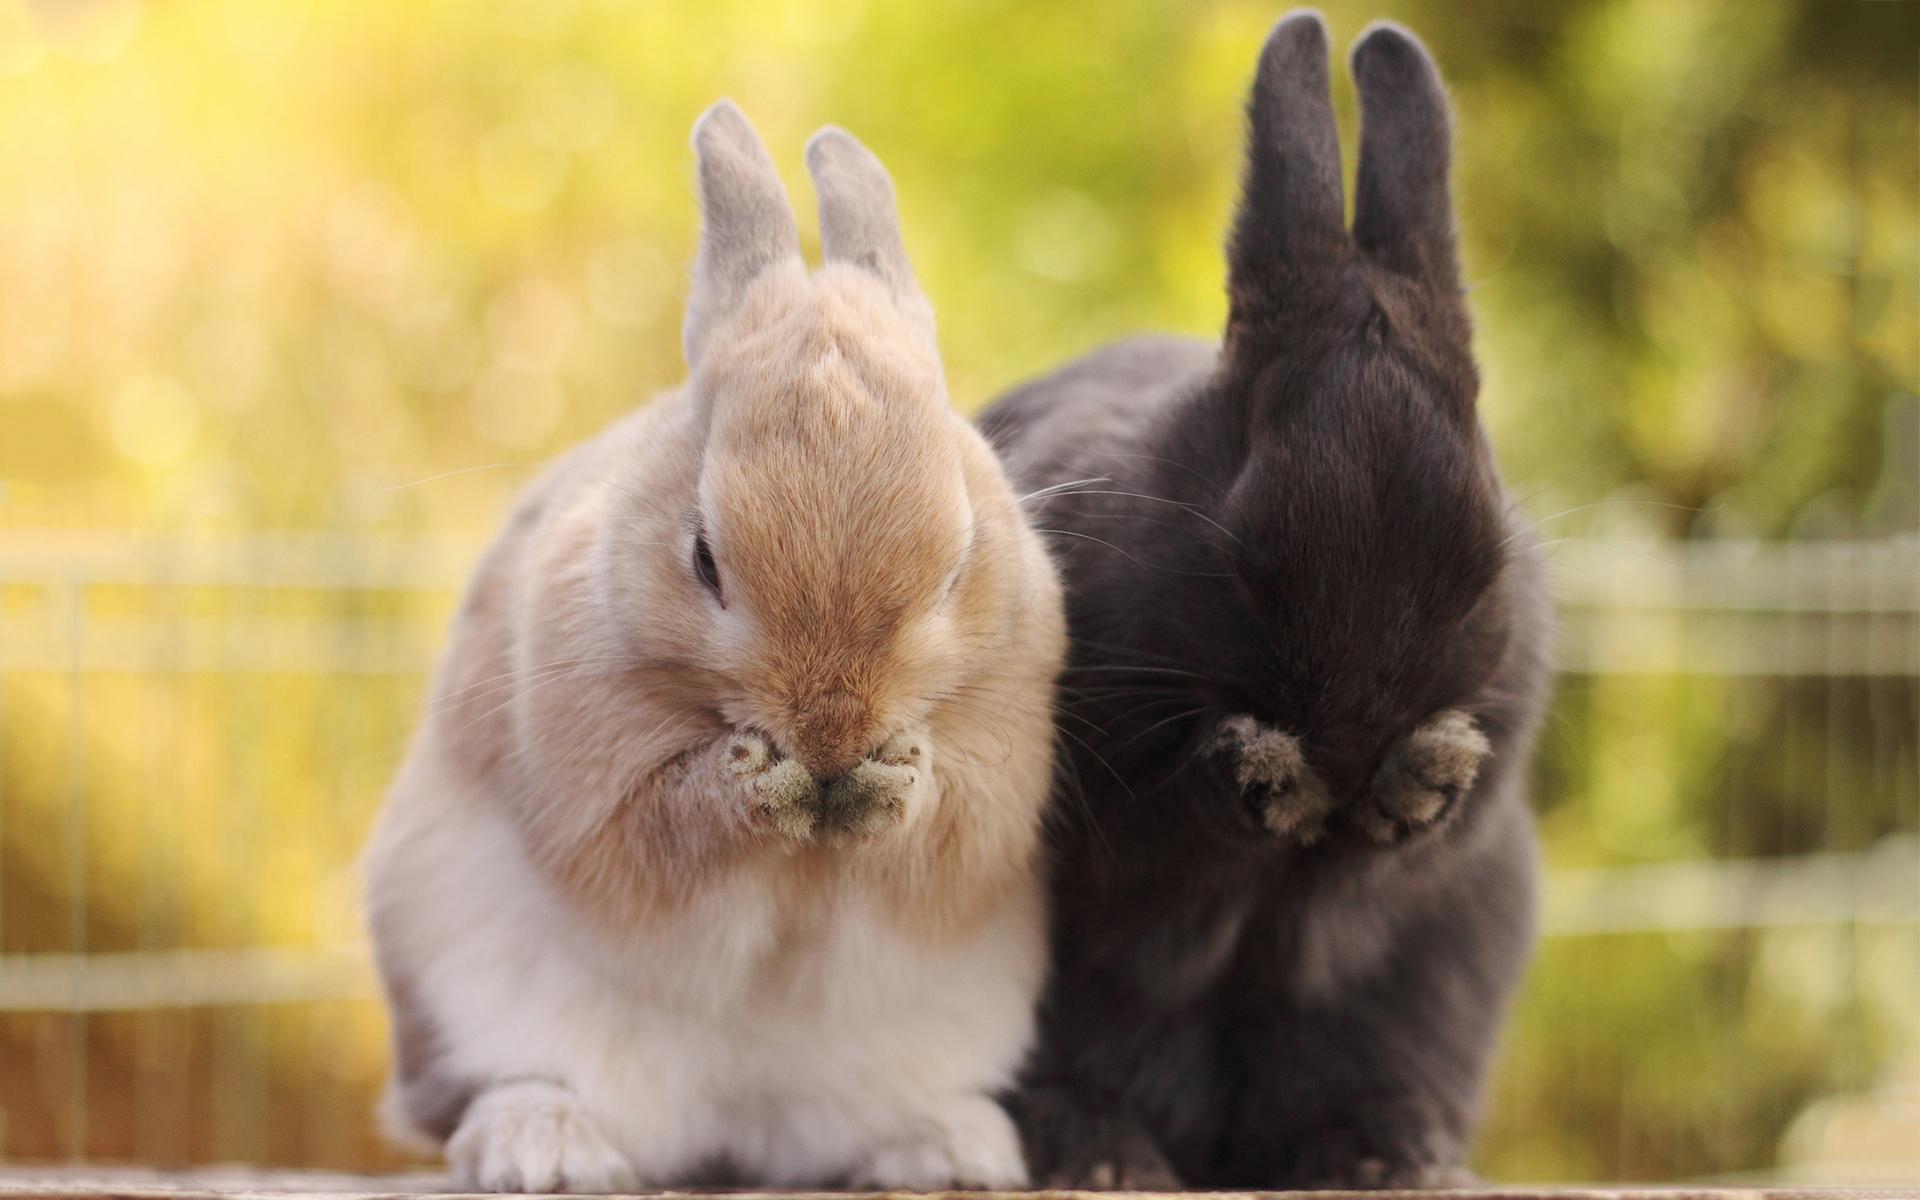 bunnies pictures